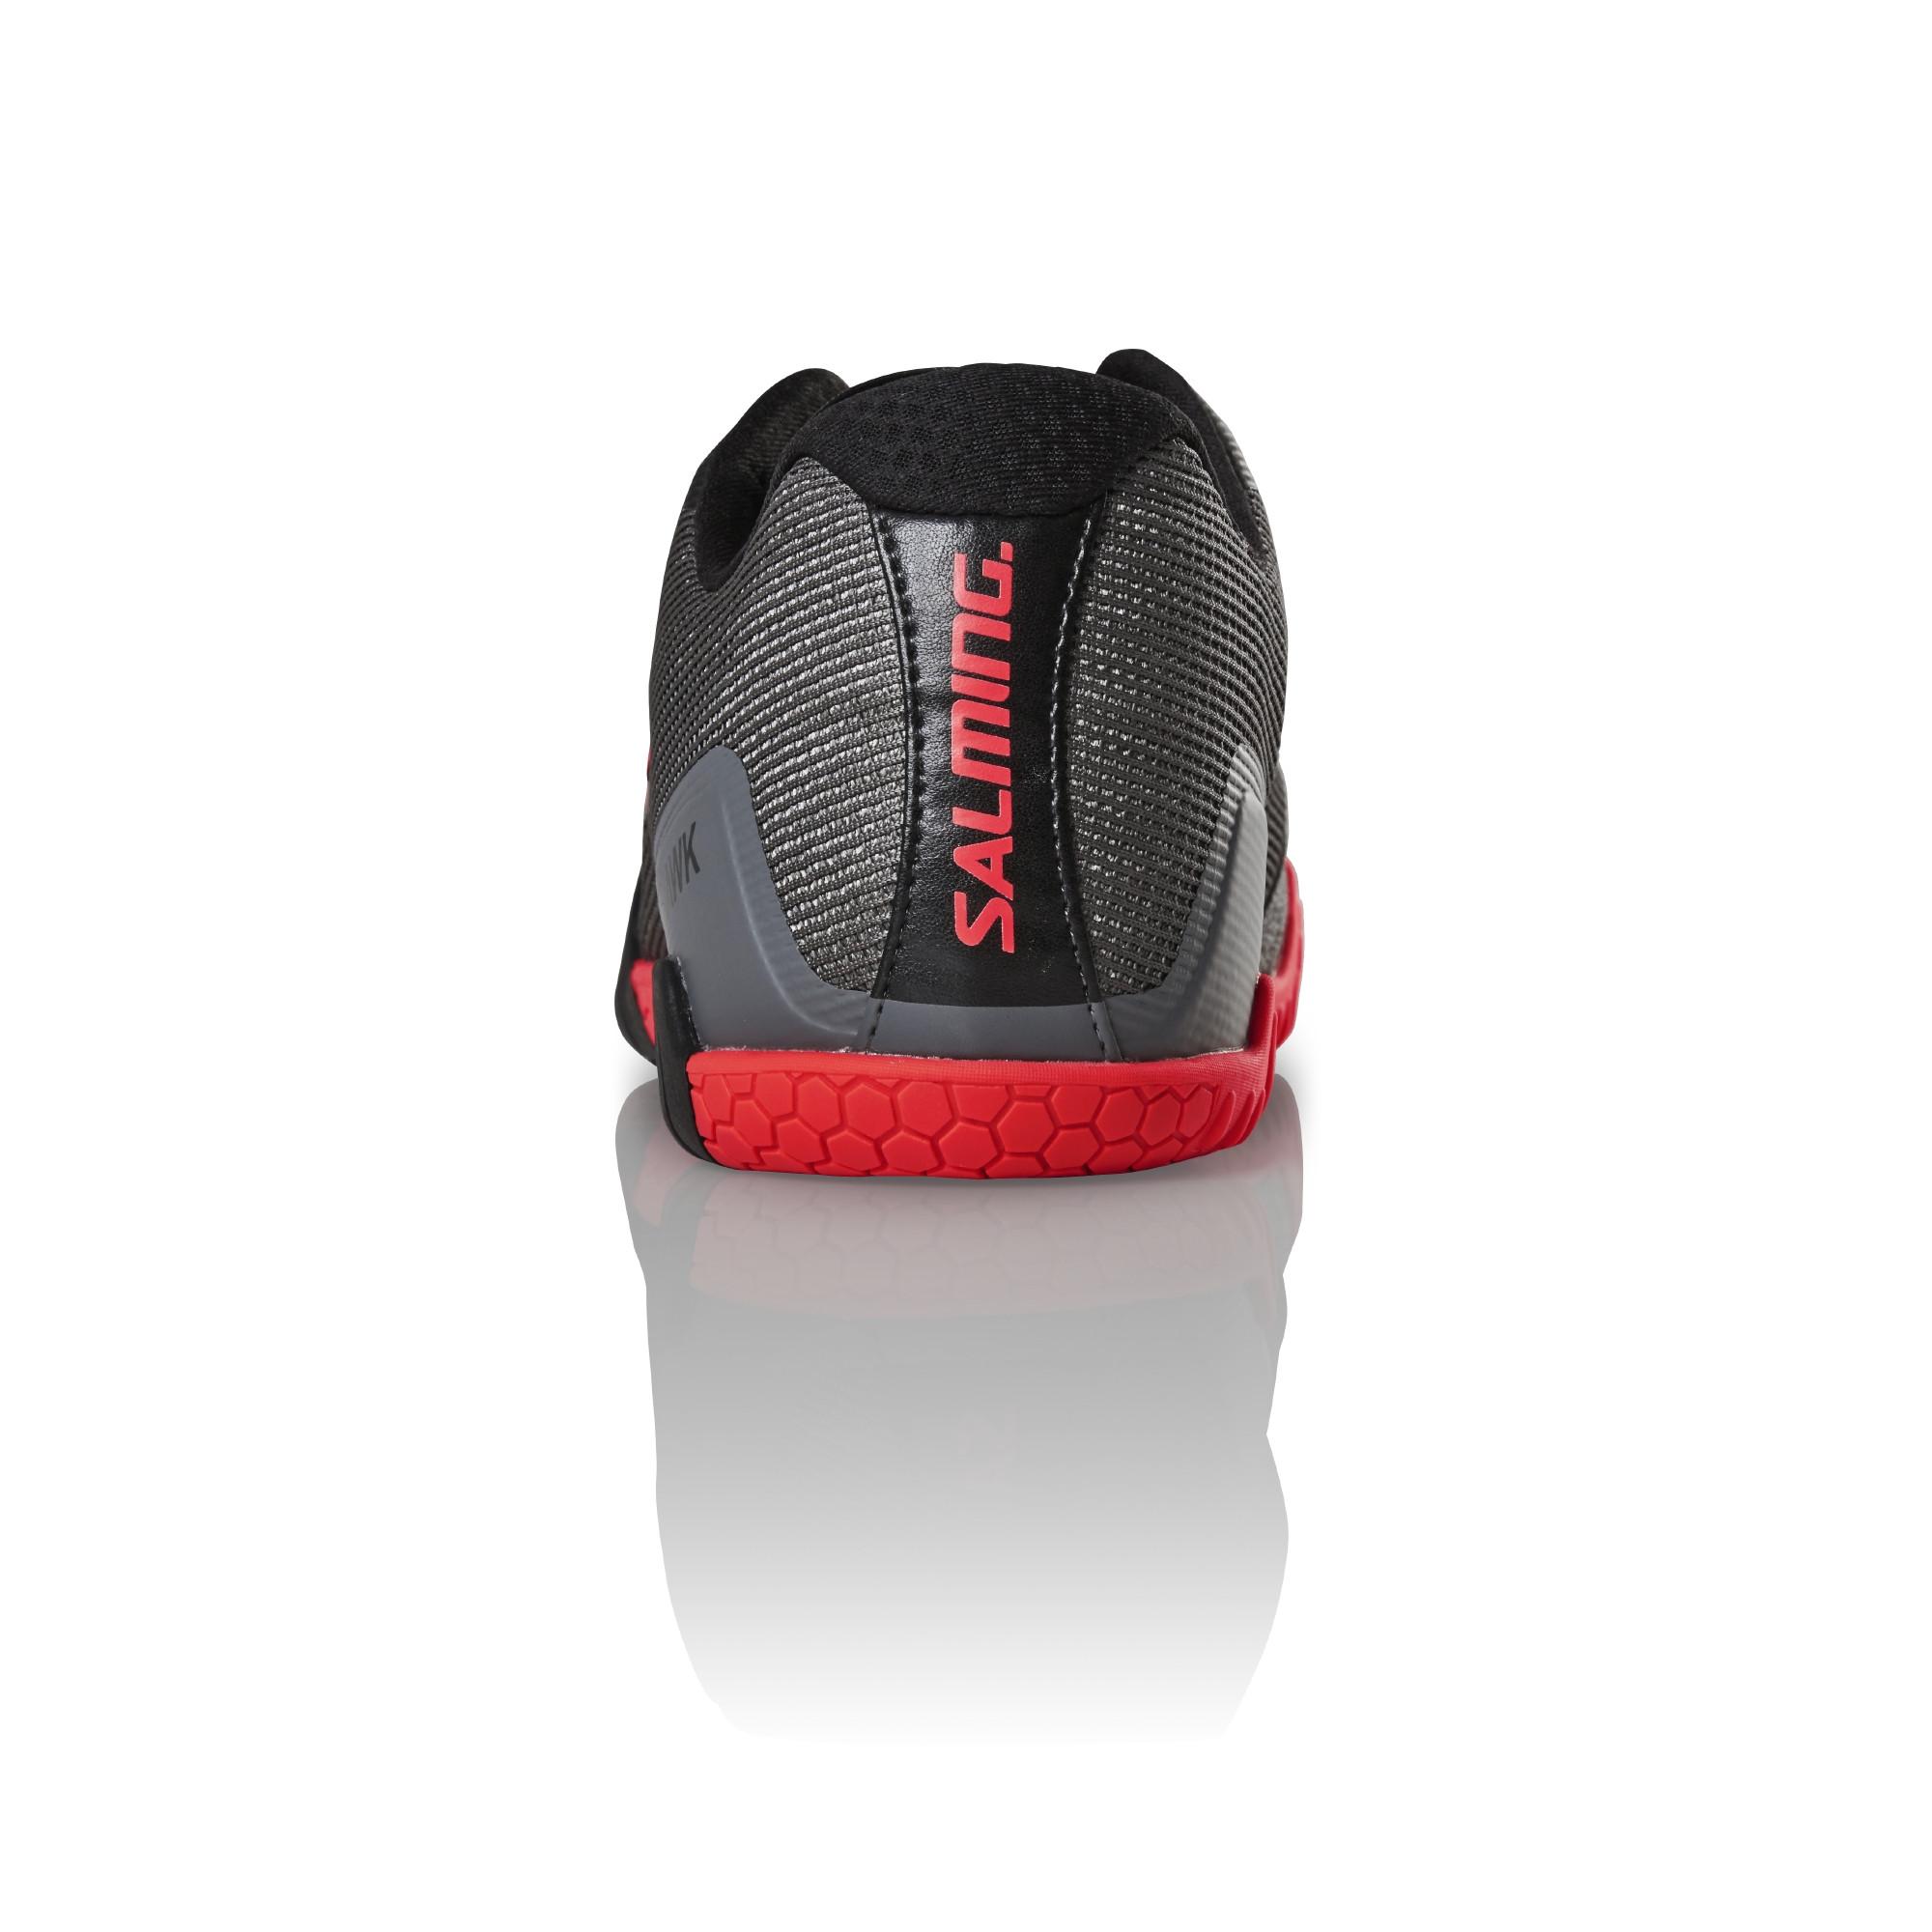 6fcd4834 Salming Hawk Men GunMetal/Red Indoor shoes | efloorball.net